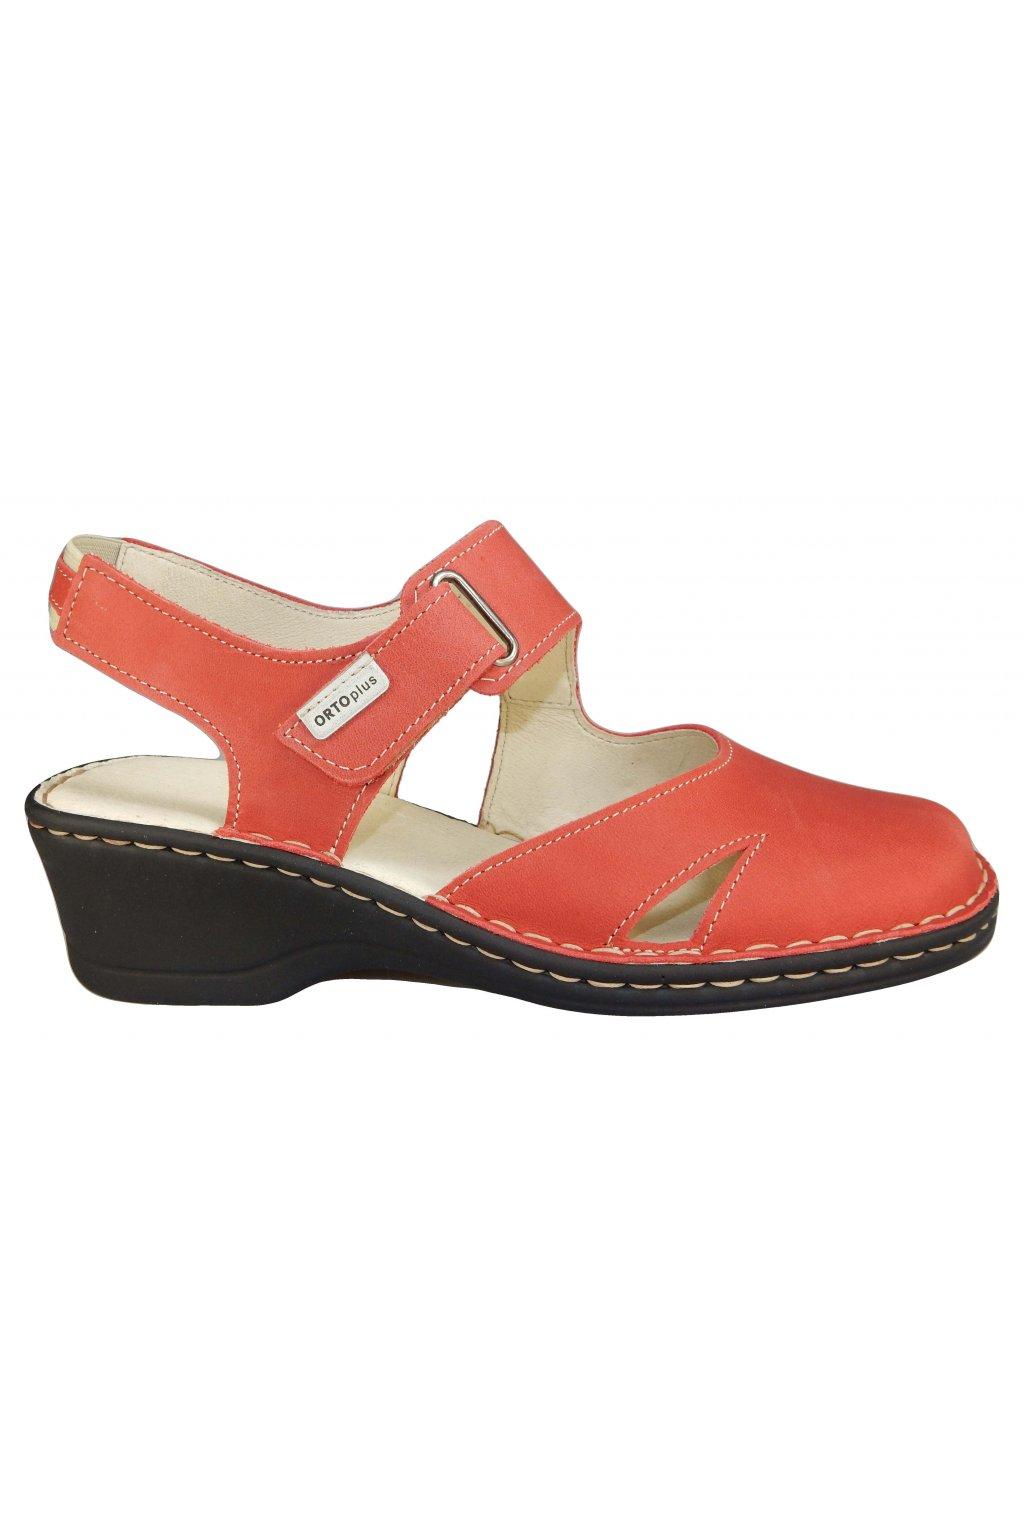 Dámská vycházková obuv na klínu ORTO PLUS 1505